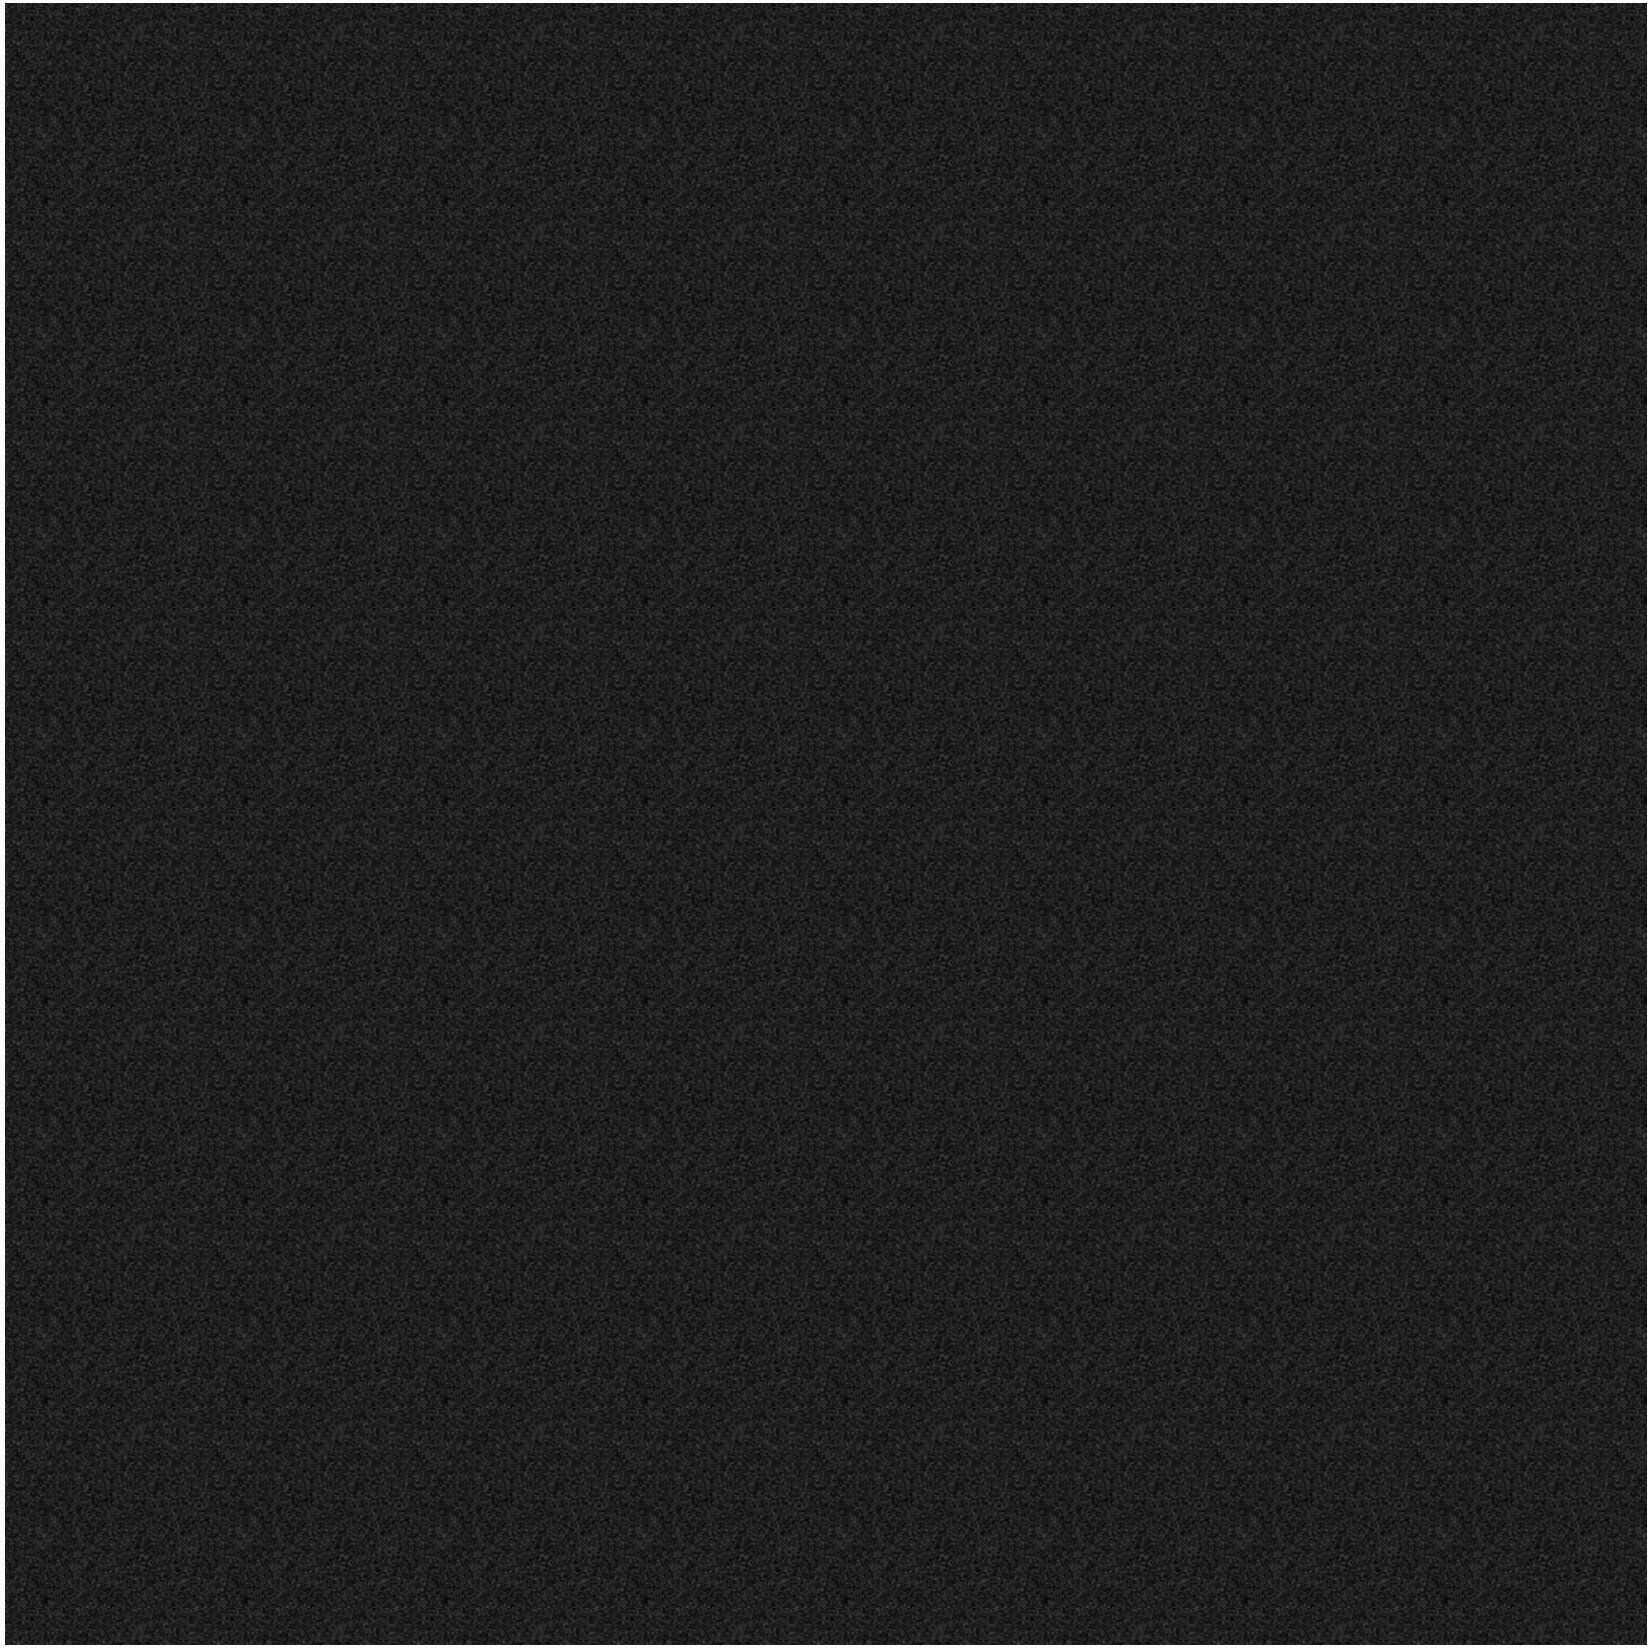 Profesjonalna podłoga pod wolne ciężary czarna - Marbo Sport